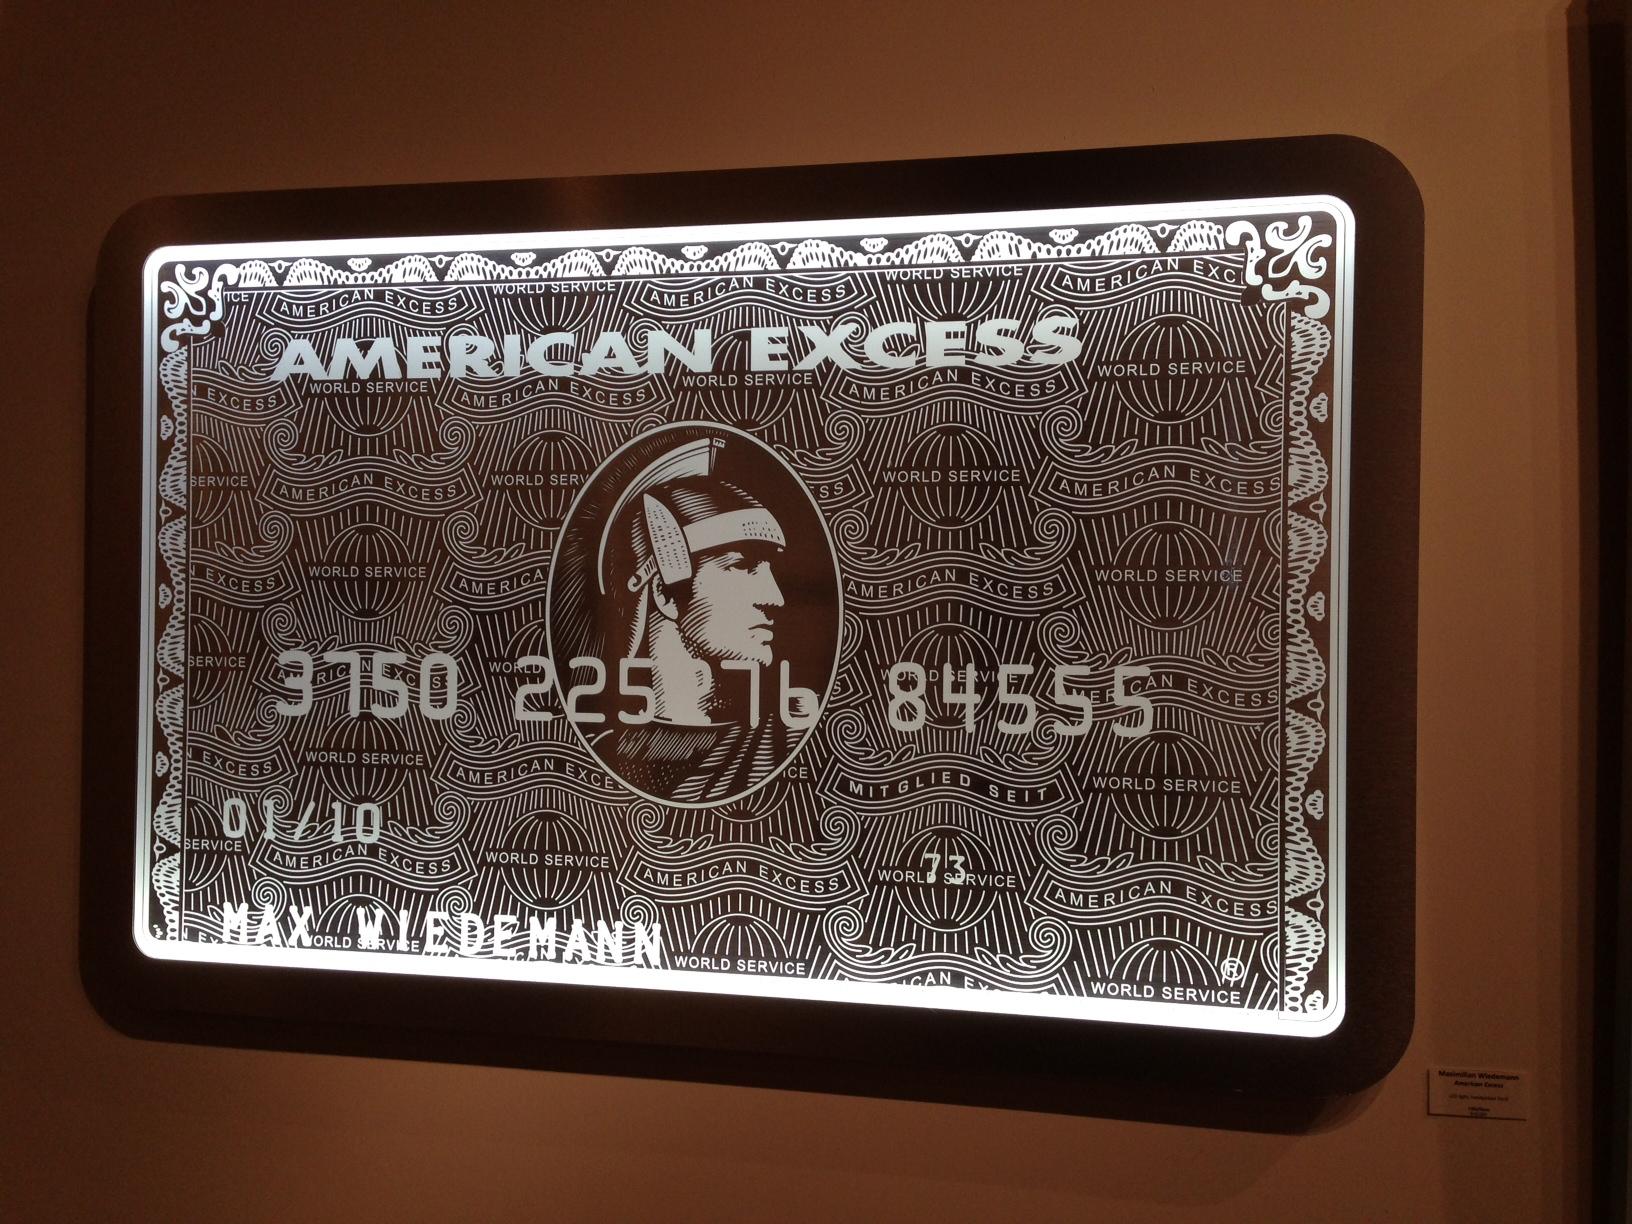 Amercian Excess.JPG